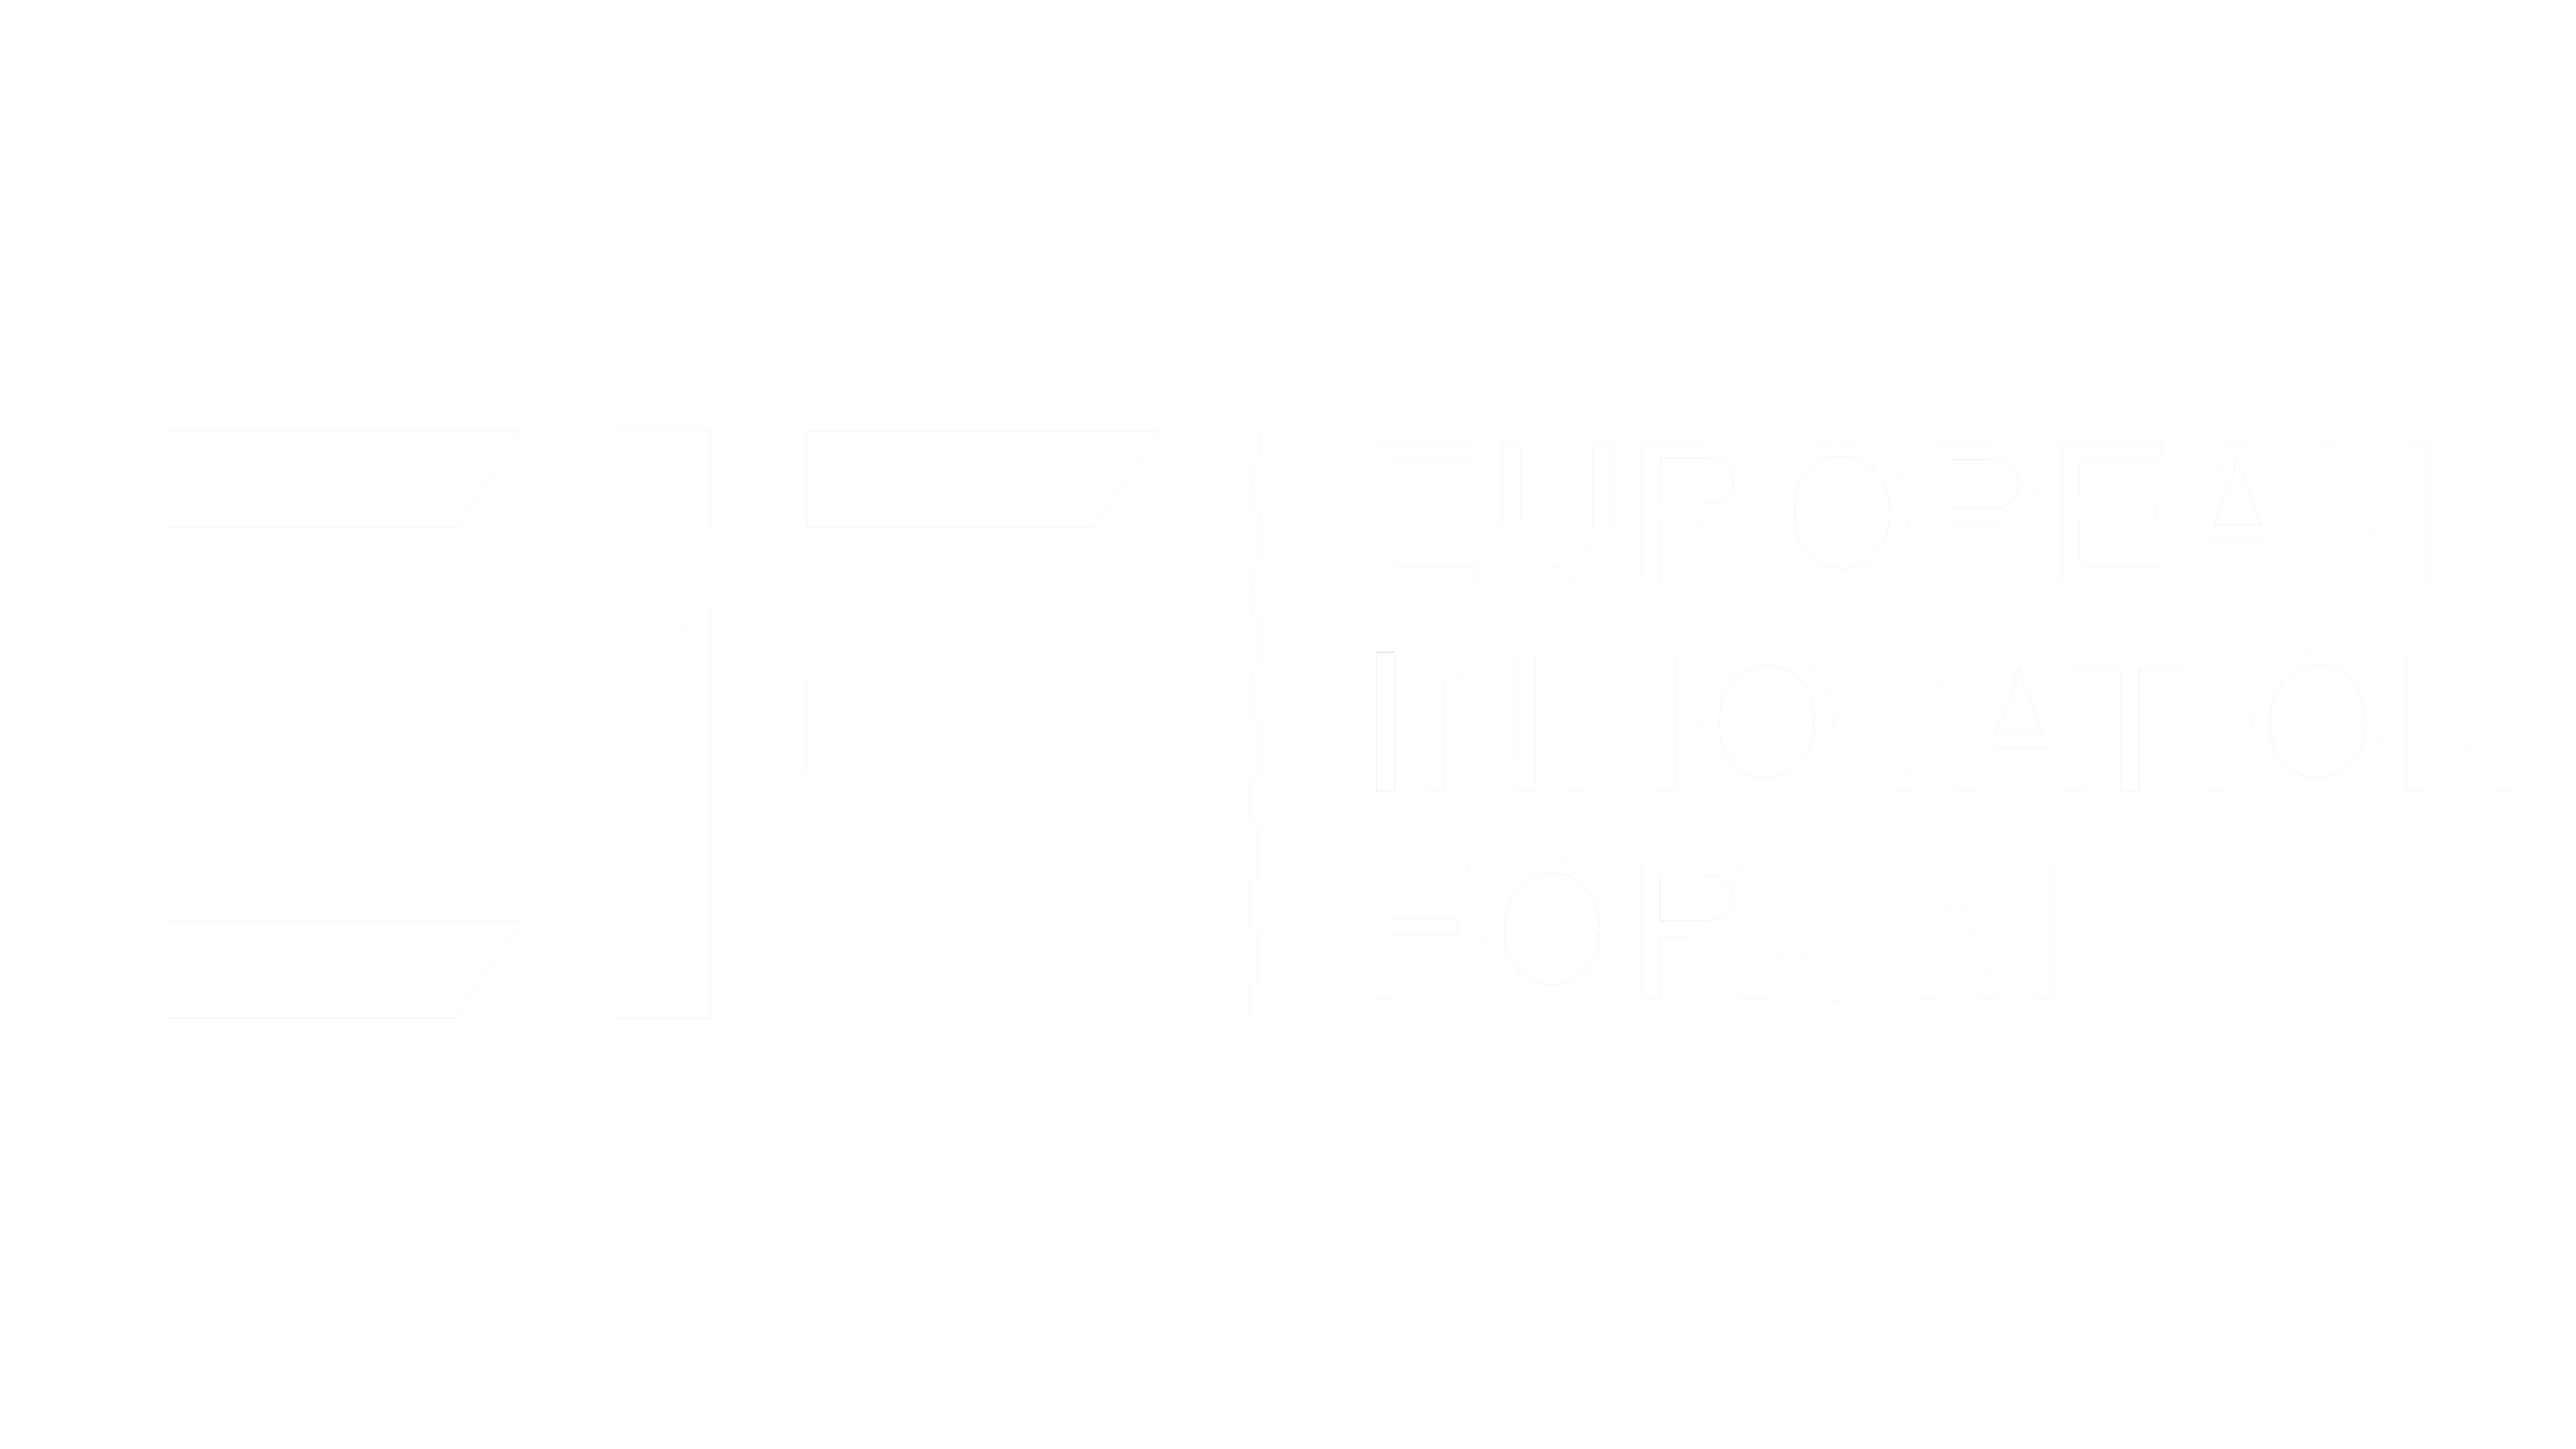 EIF_logo 2020-10-20 w